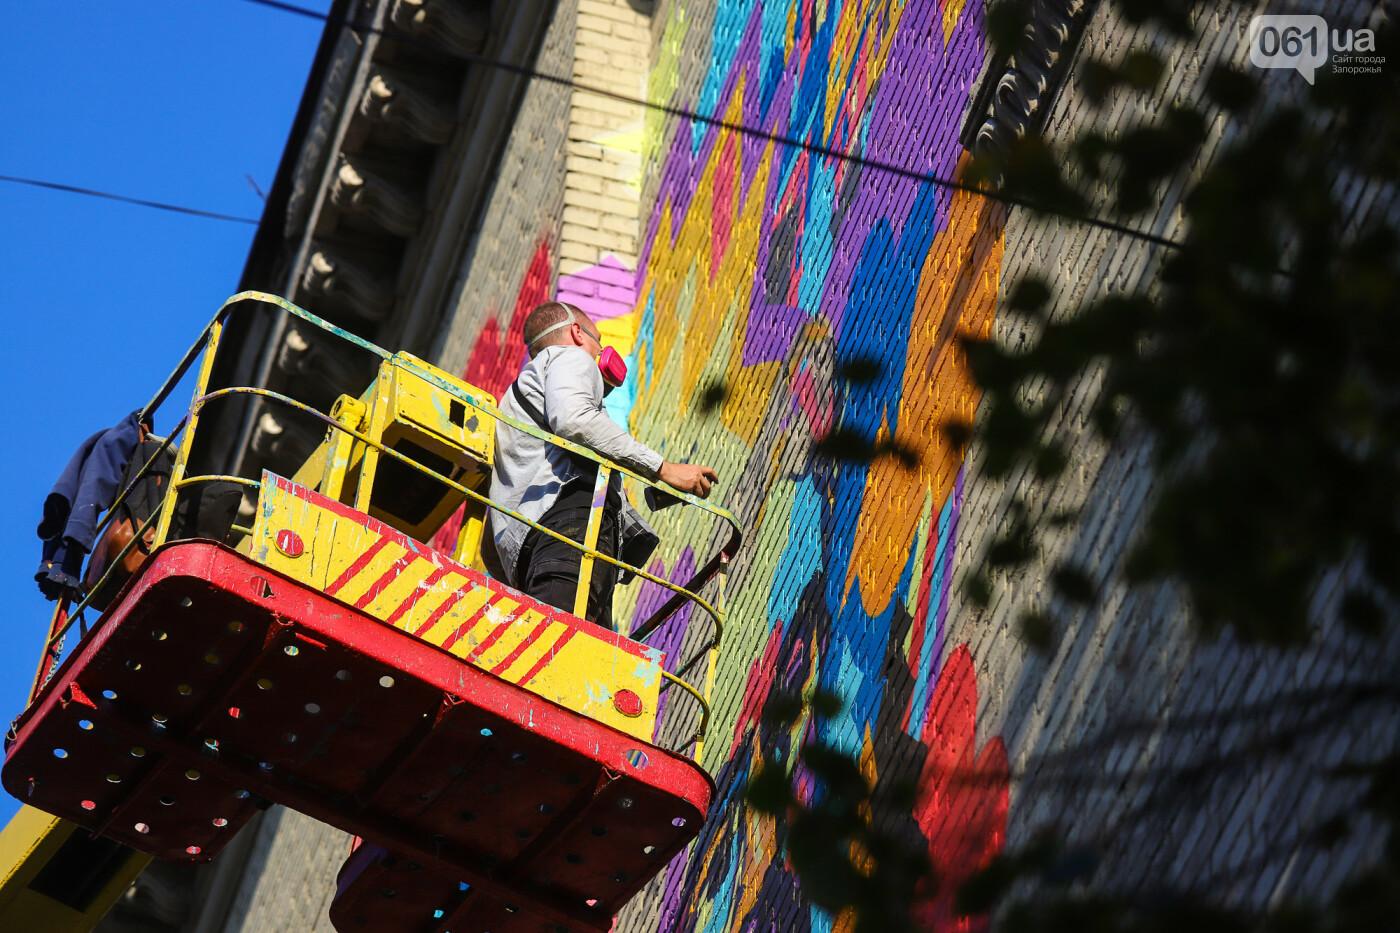 Художник из Нью-Йорка нарисовал мурал к 250-летию Запорожья - ФОТОРЕПОРТАЖ , фото-16